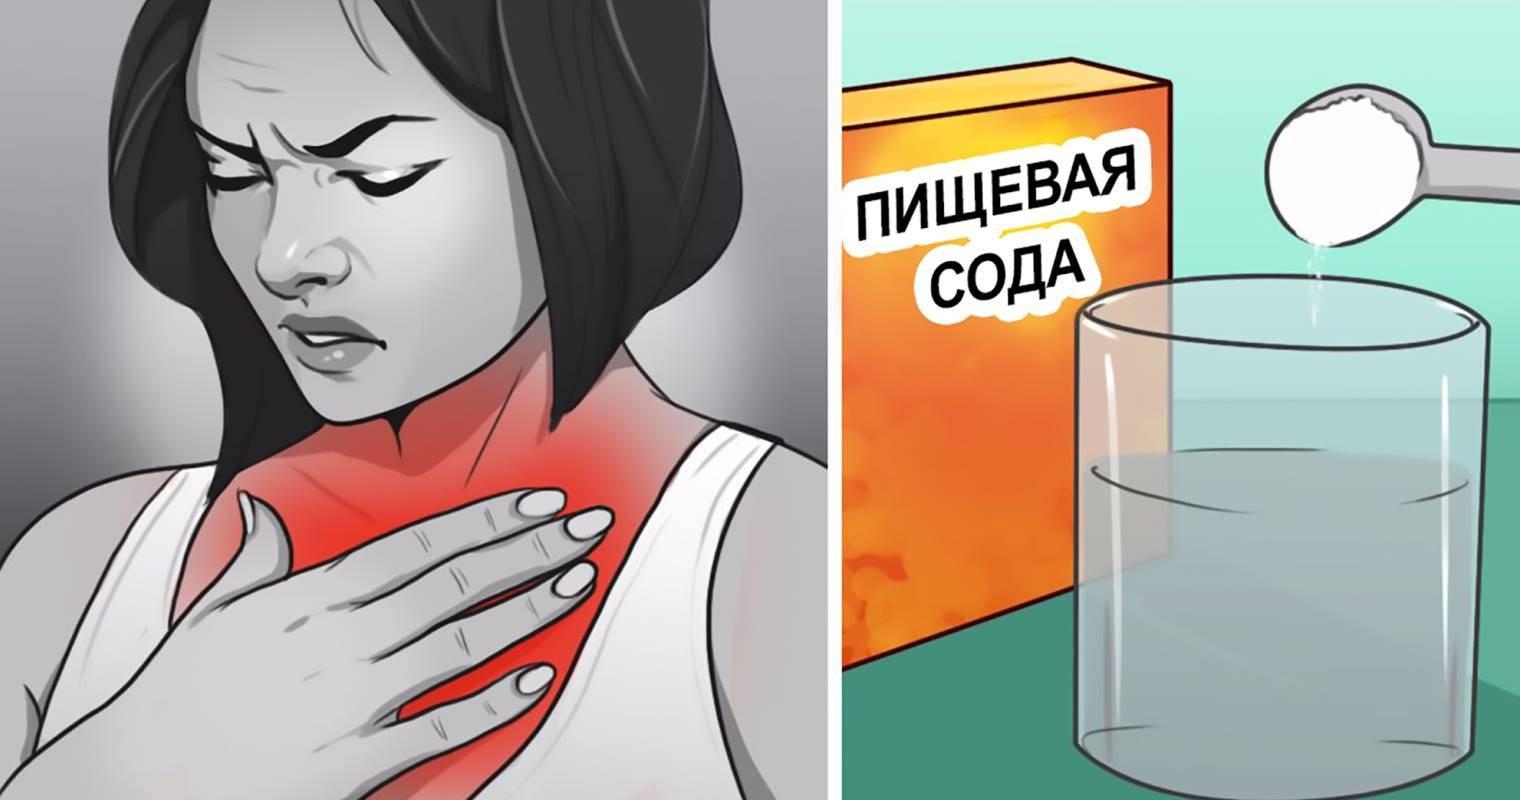 Изжога от кофе - причины и методы устранения изжоги